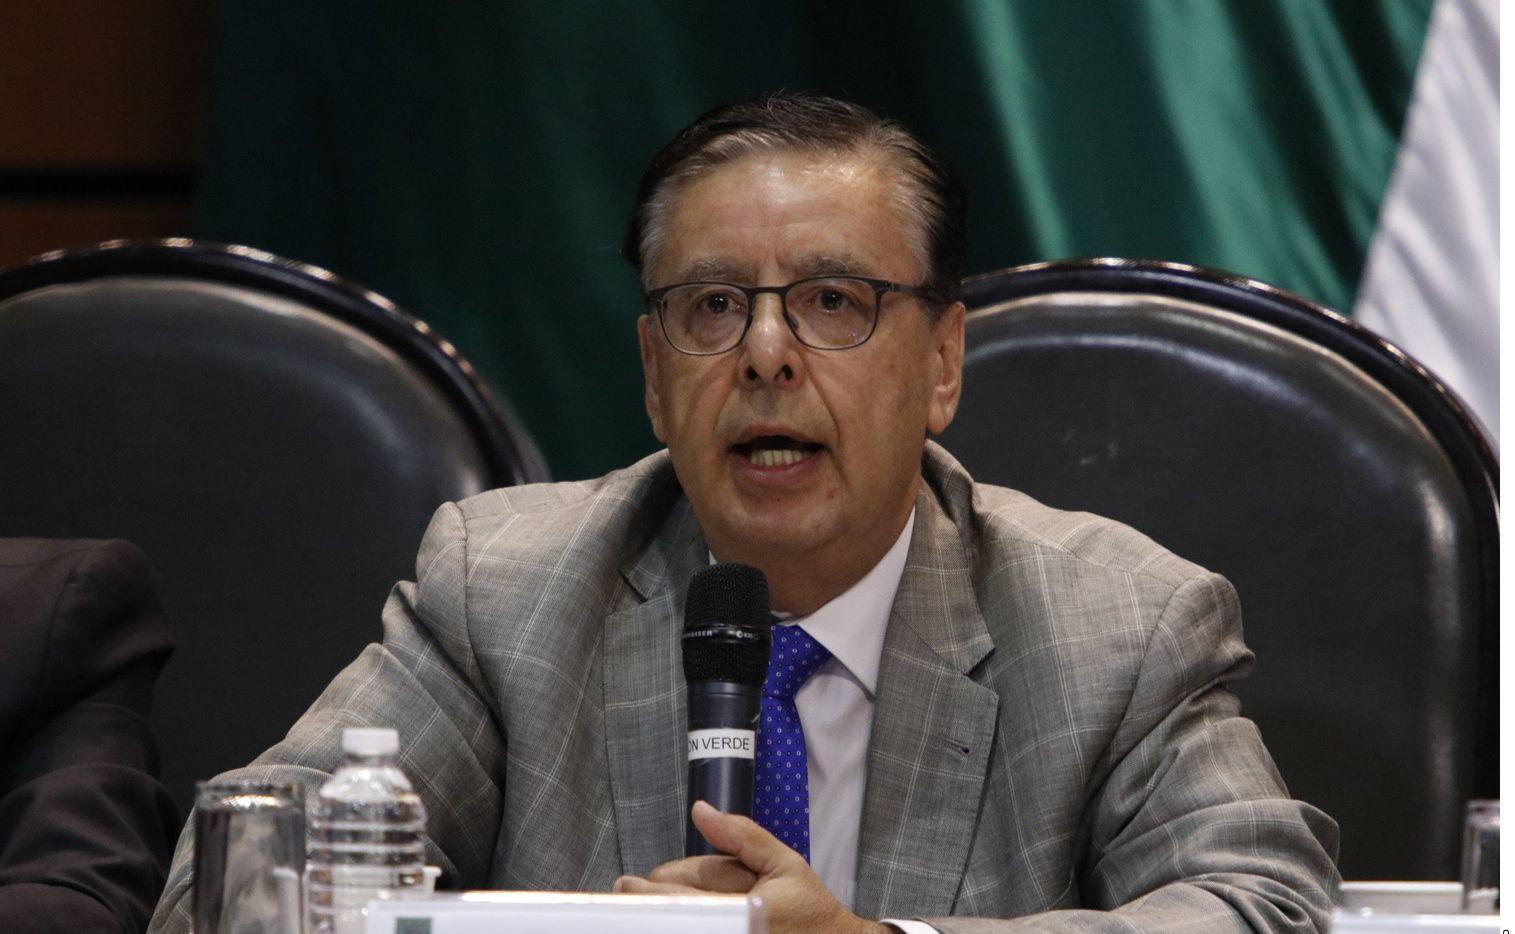 Fuentes del Gobierno federal confirmaron que el ex consejero electoral Jaime Cárdenas presentó su carta de renuncia al Instituto para Devolver al Pueblo lo Robado y se reintegrará a sus labores en el Instituto de Investigaciones Jurídicas de la UNAM.